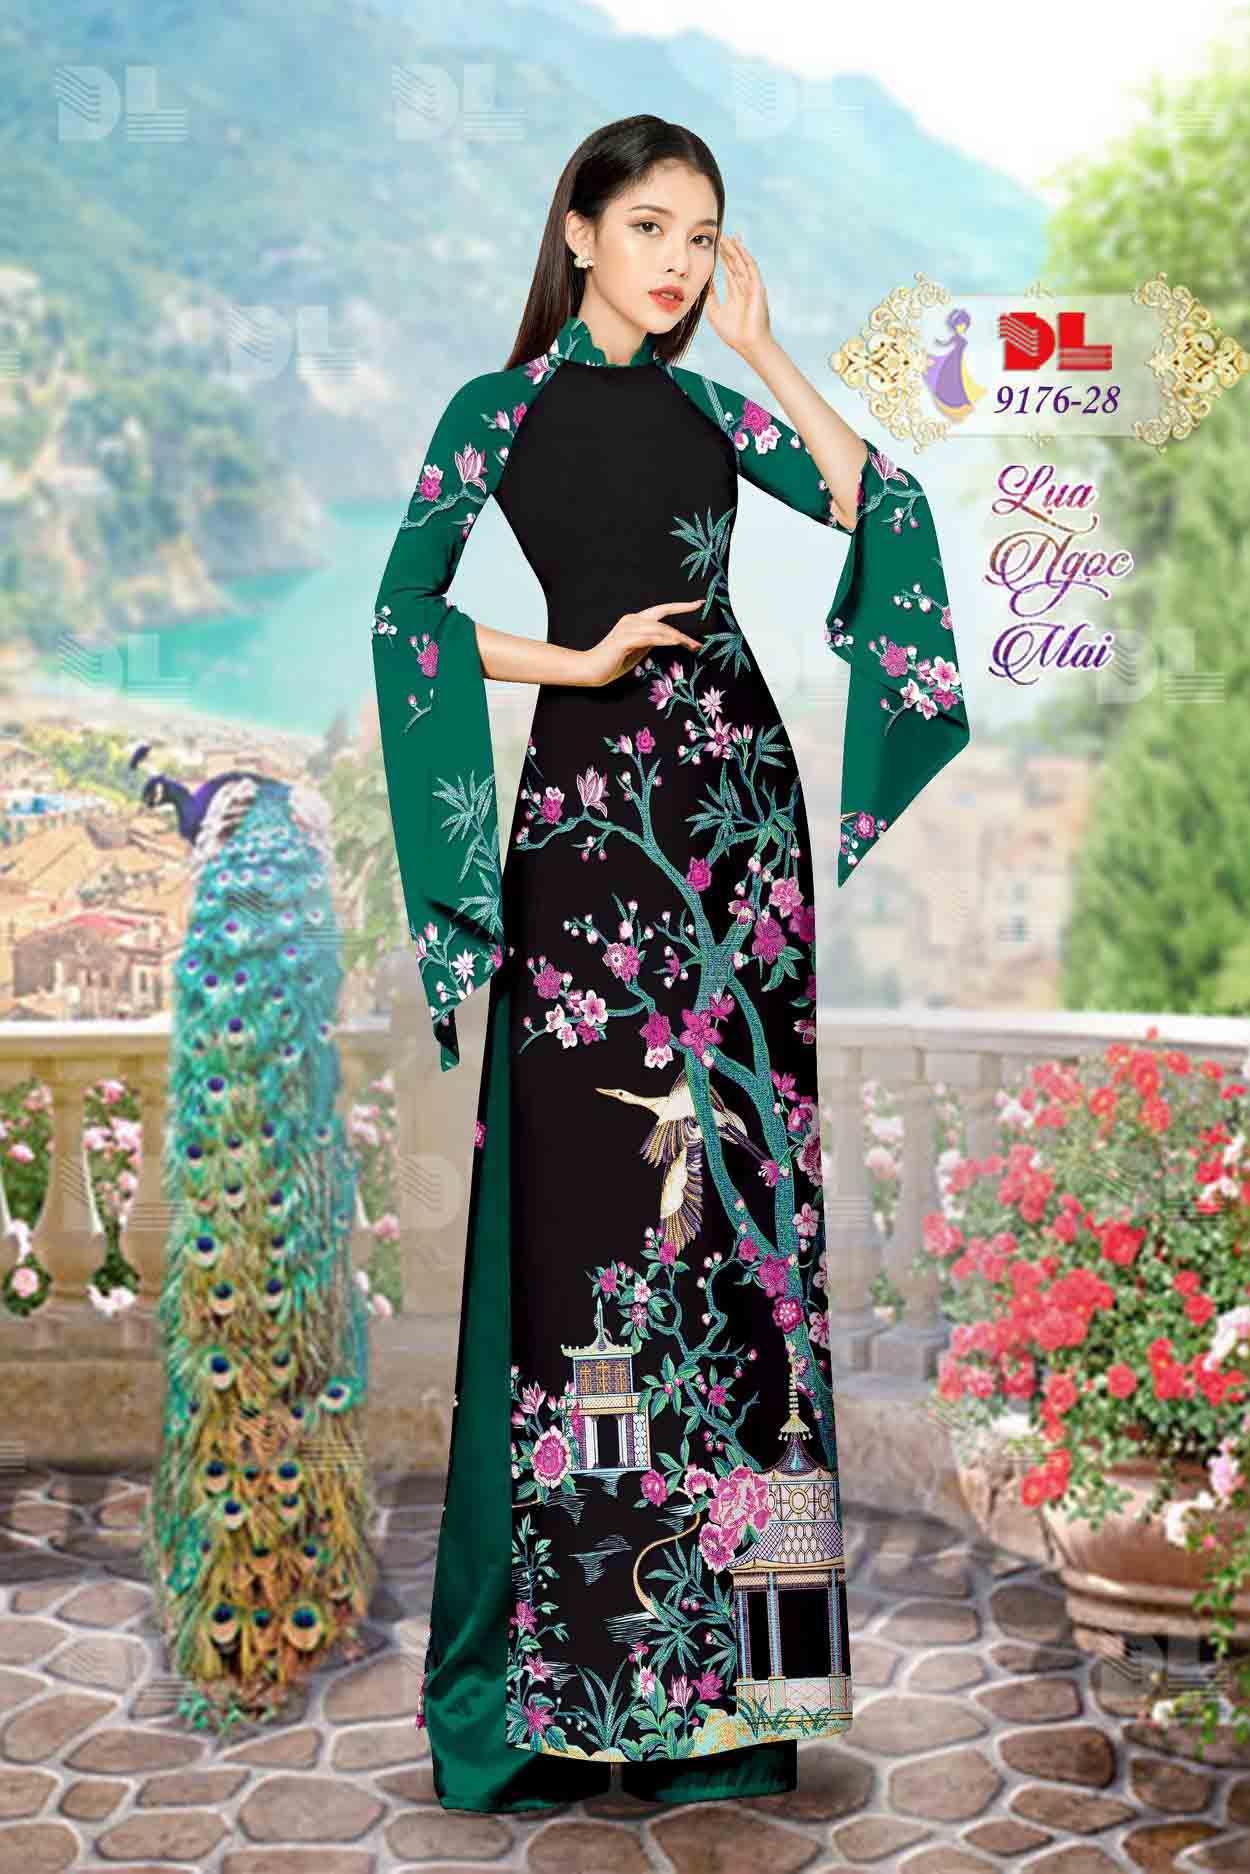 Vải Áo Dài Phong Cảnh AD 9176 69